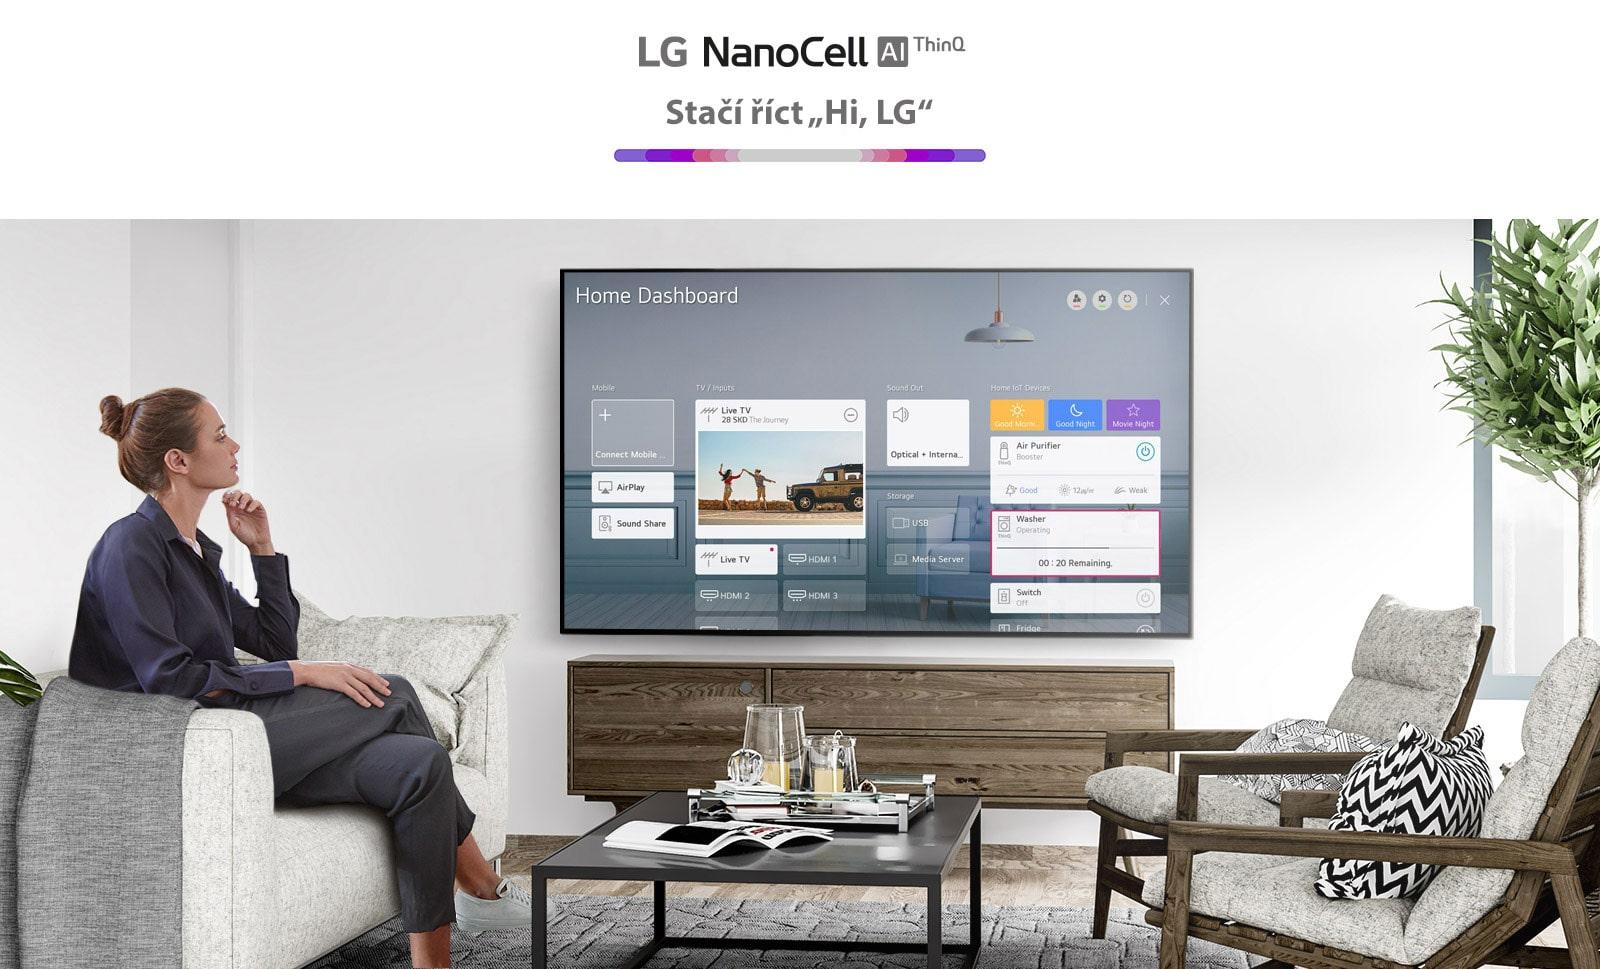 Ženy sedící na pohovce vobývacím pokoji atelevizní obrazovka sfunkcí Home Dashboard